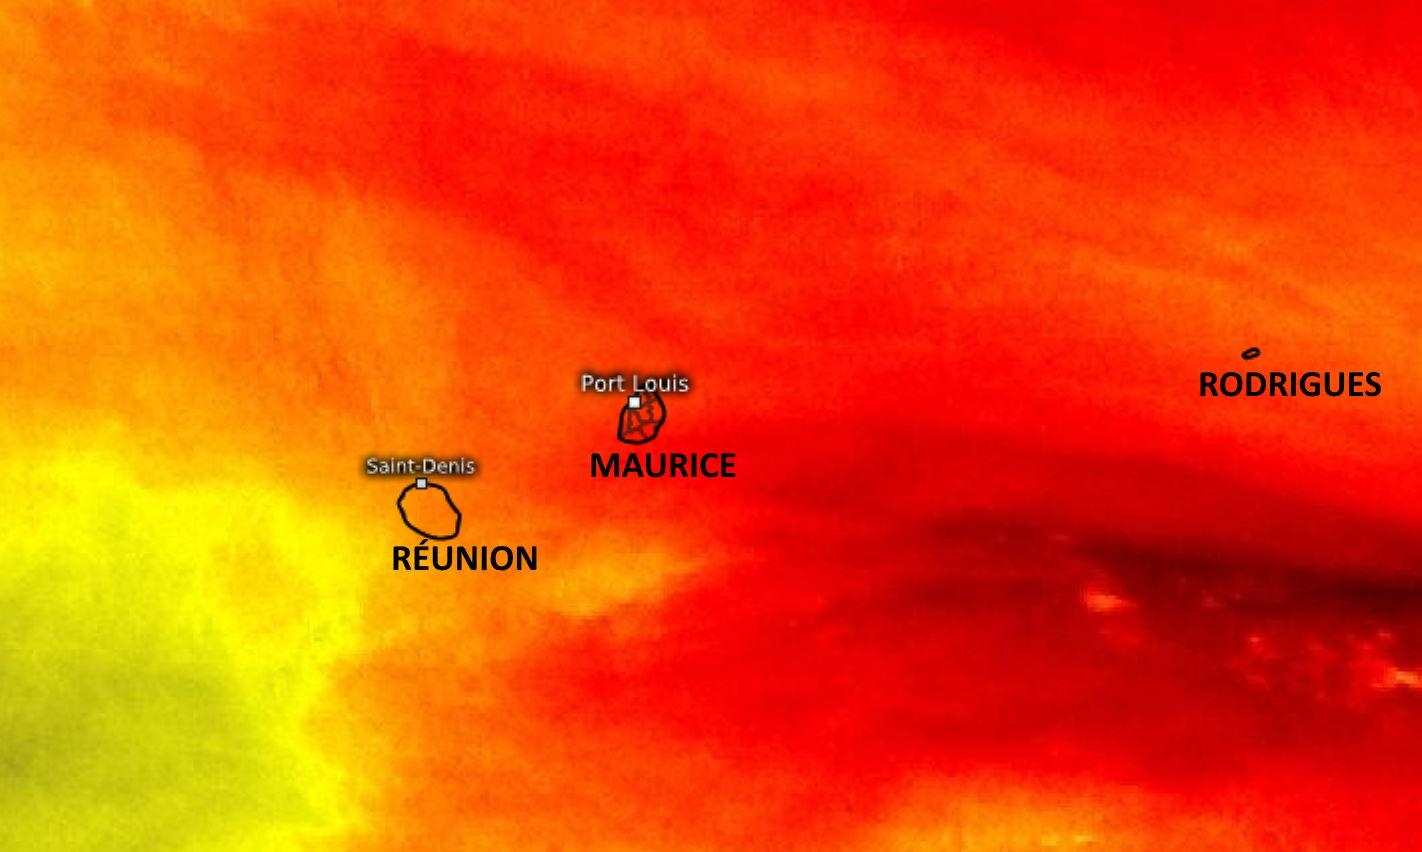 Les conditions sont sèches en altitude sur la zone des Mascareignes( jaune et surtout rouge, air stable et relativement chaud peu favorable à la convection). En basse couche on peut observer localement un peu plus d'humidité avec l'effet du relief et des brises mais cela reste marginal. WUS.